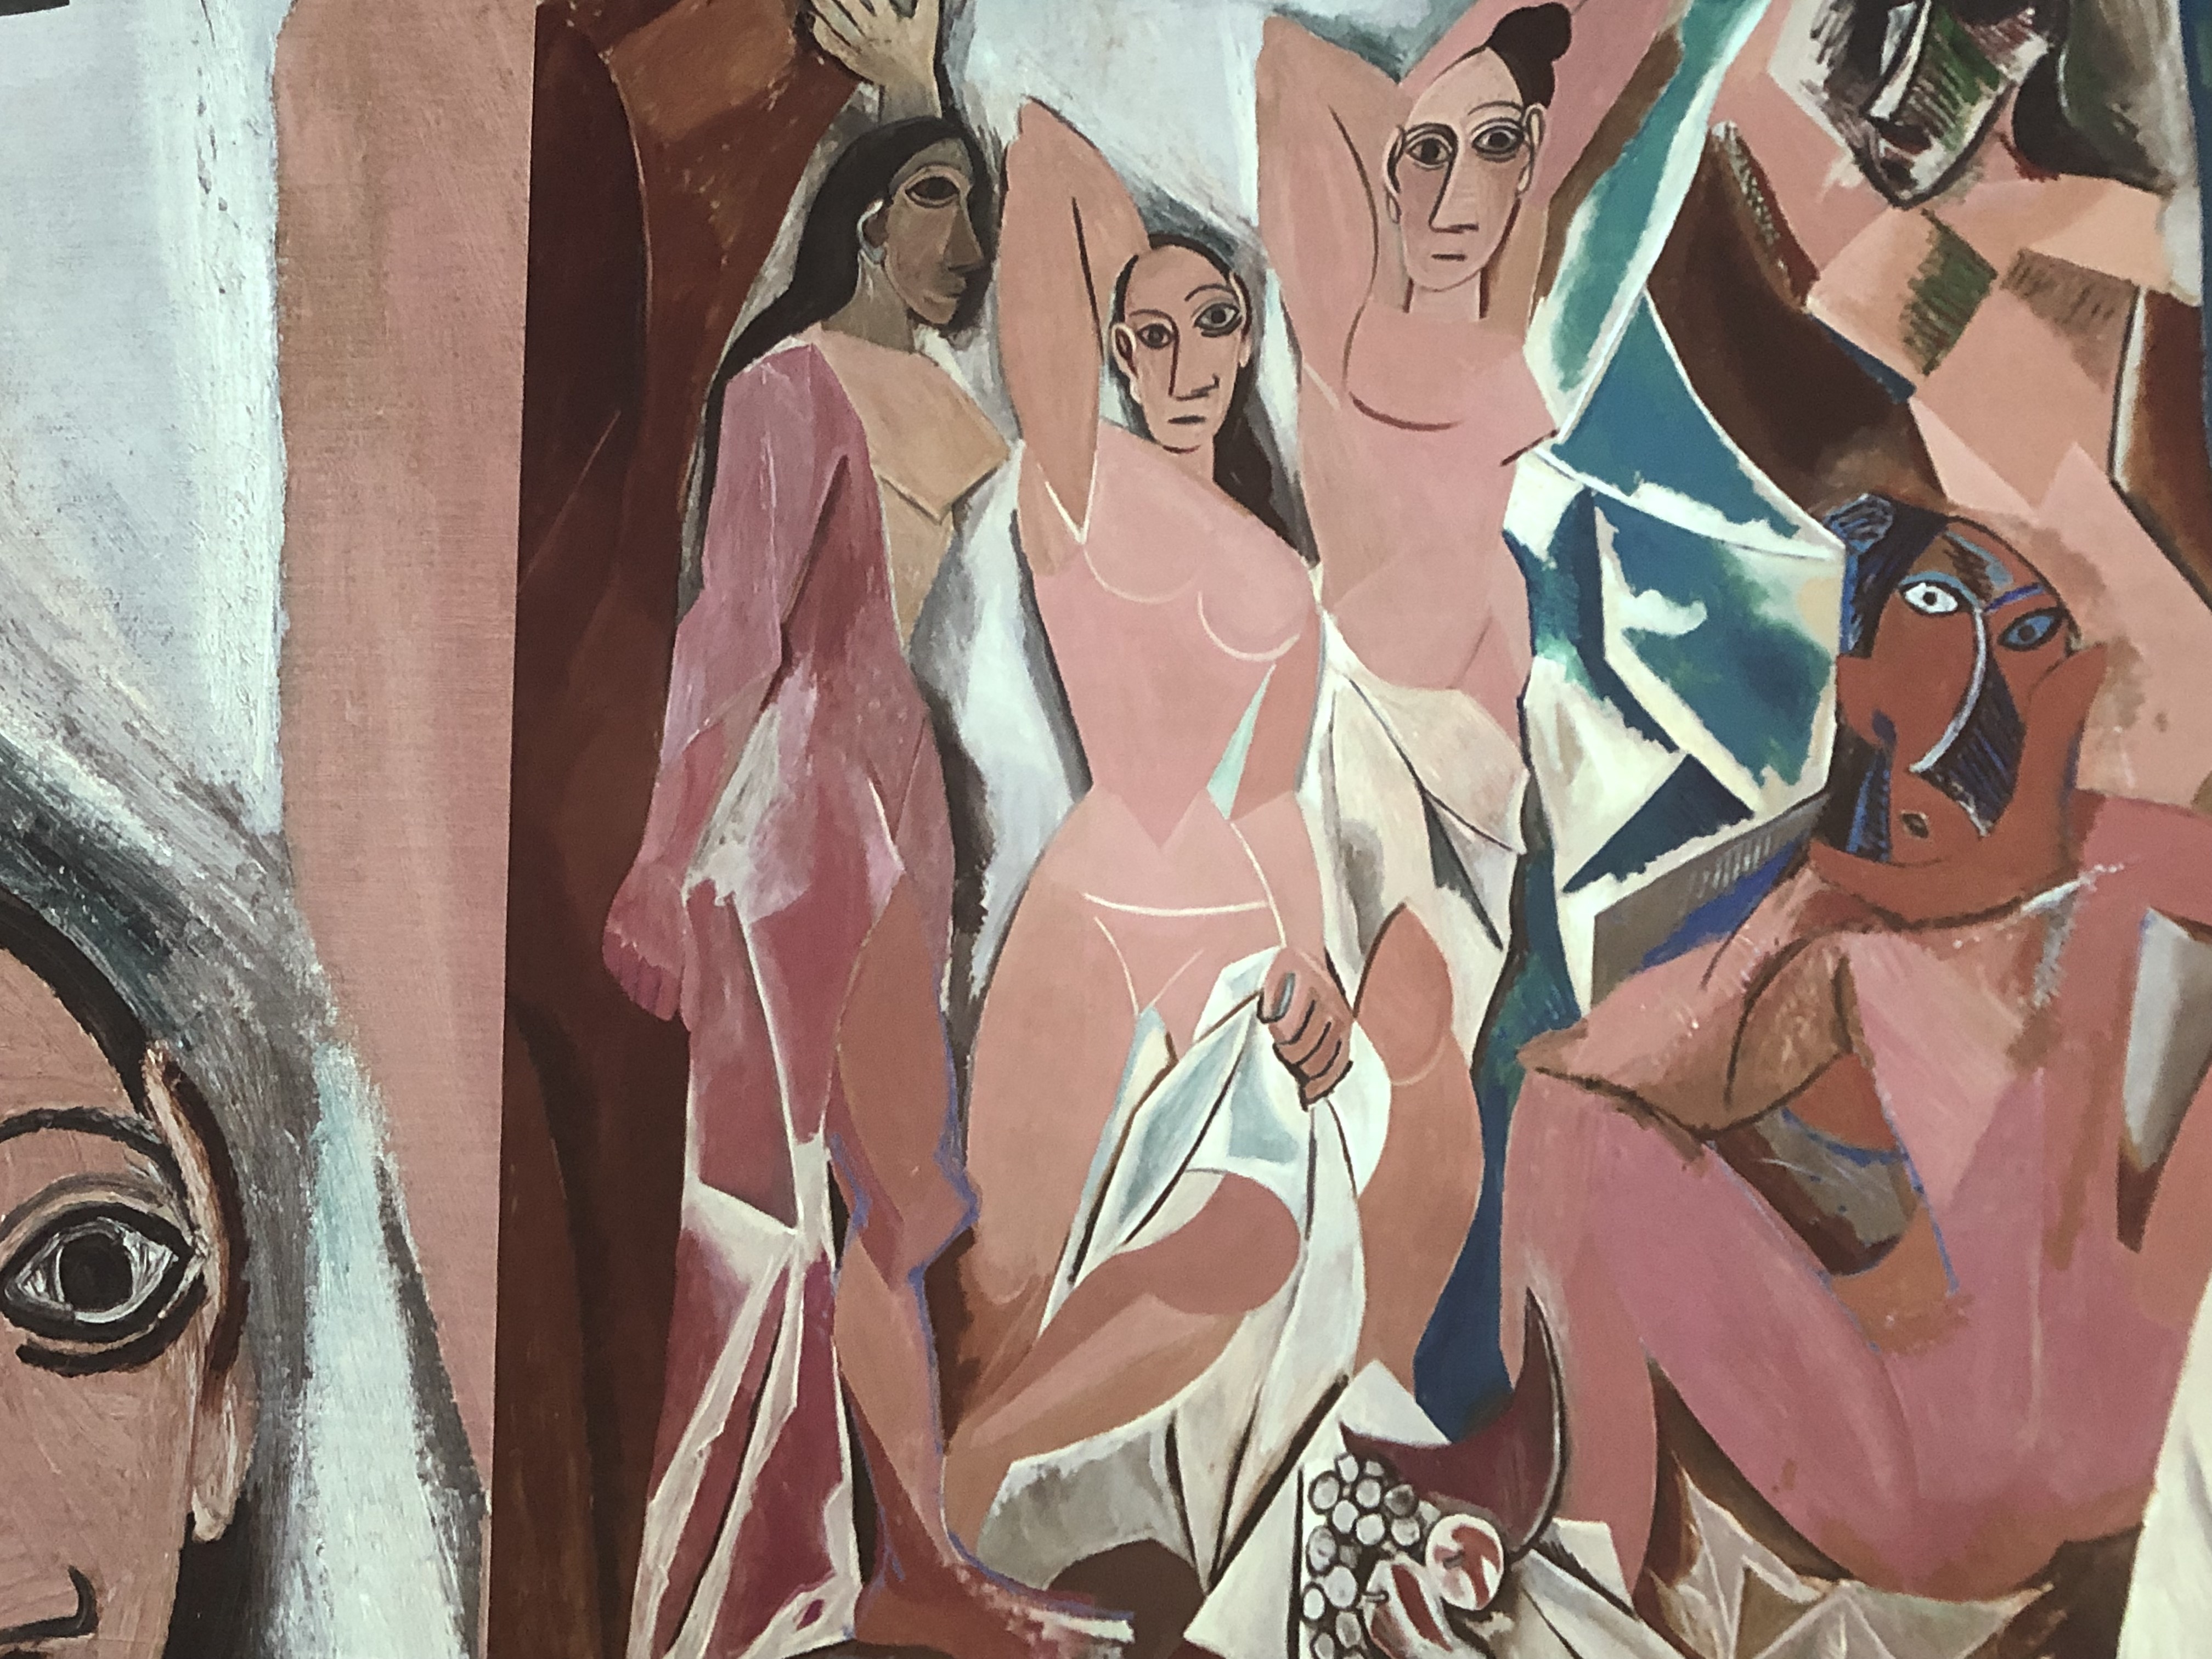 Imagine Picasso, expérience artistique inédite à Lyon, sans originaux